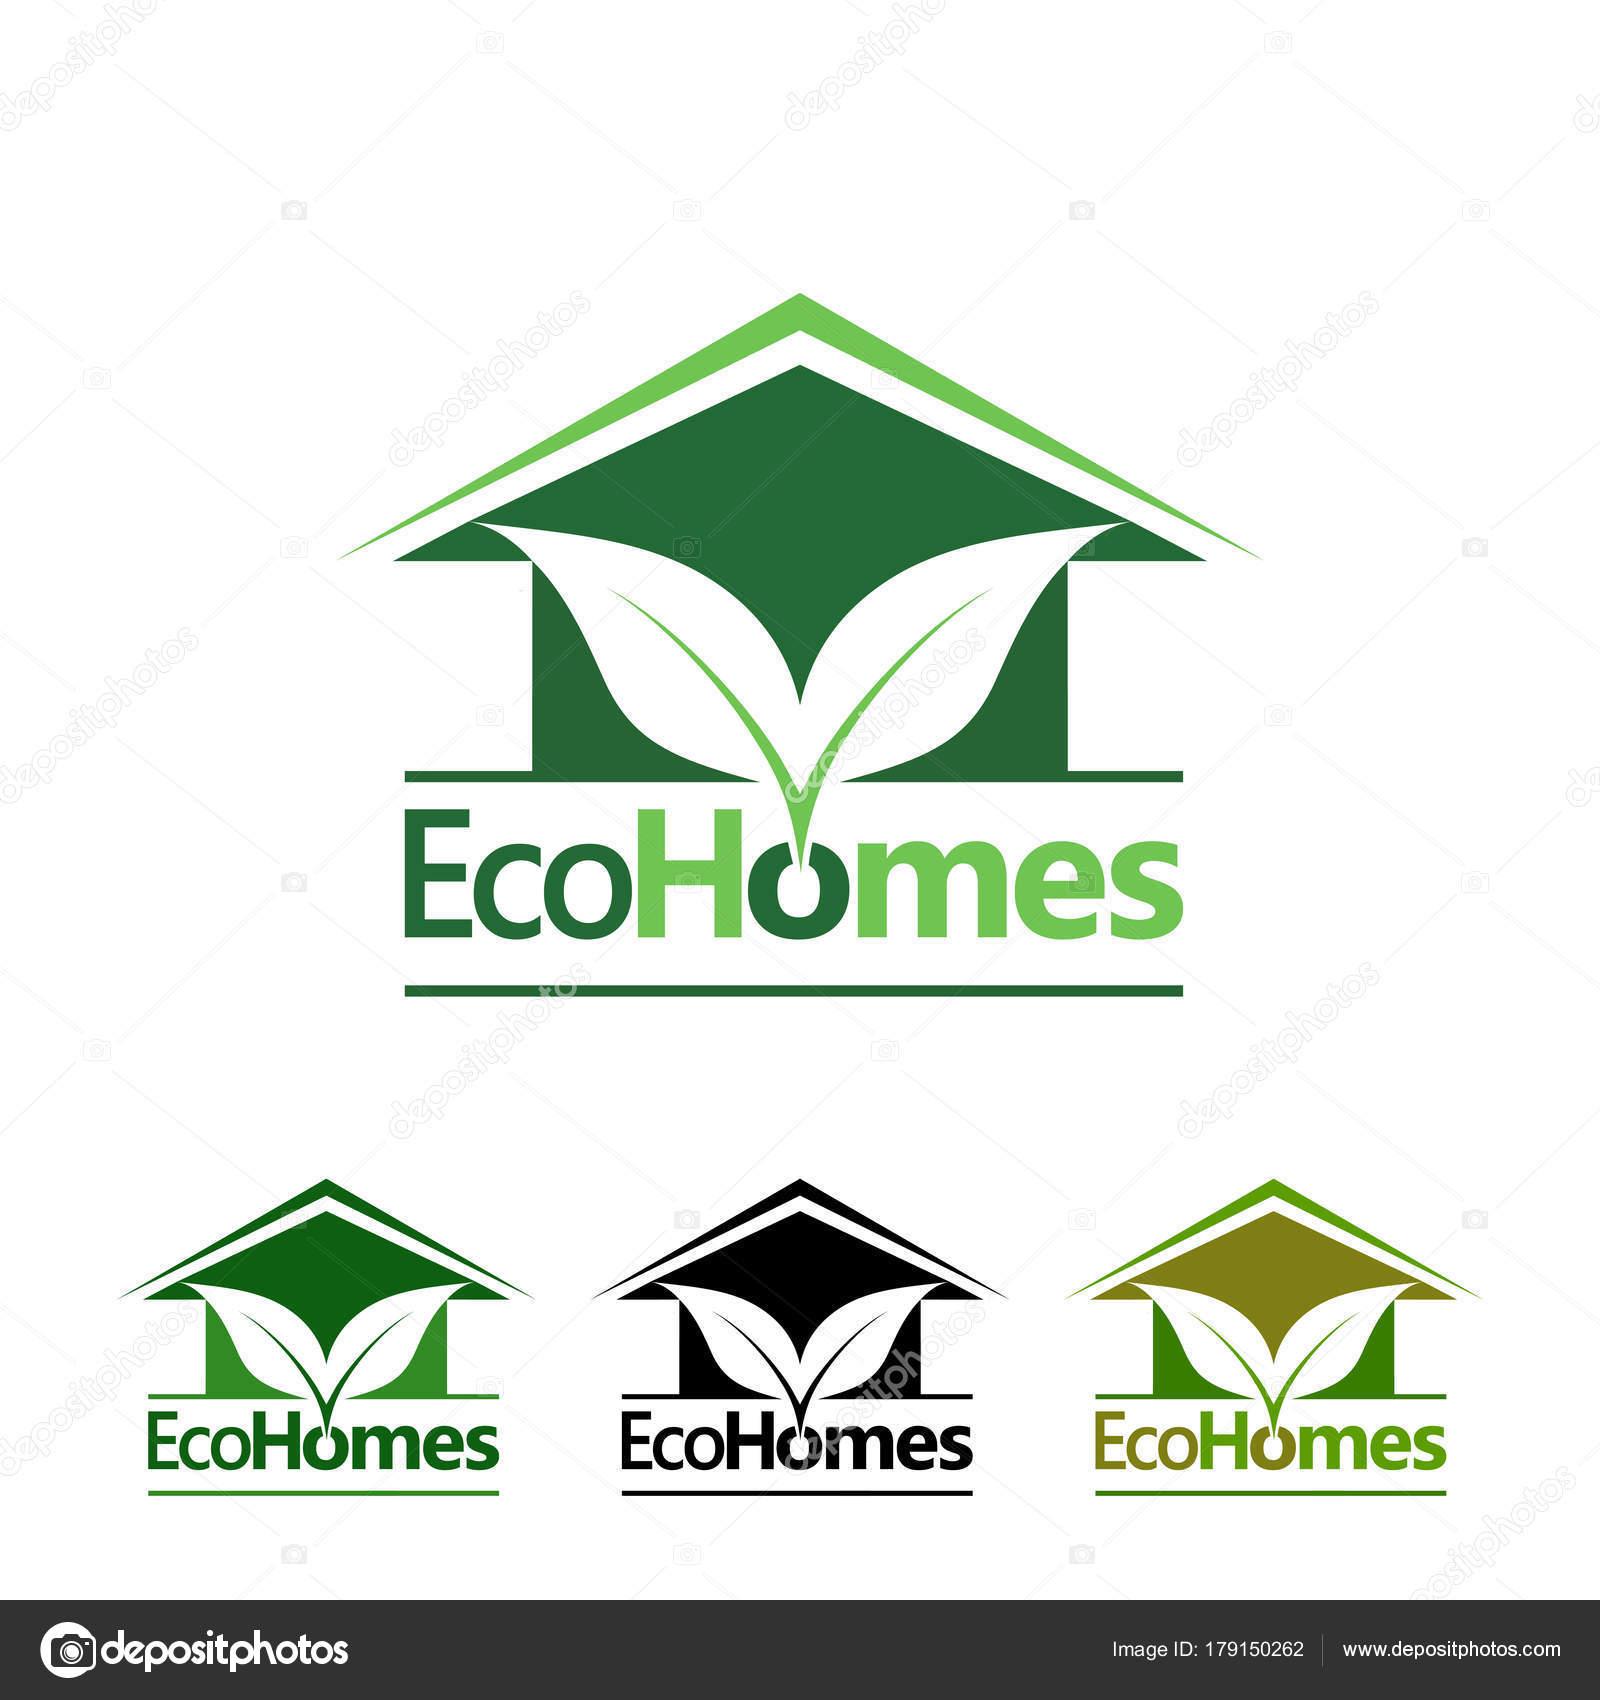 eco homes logo design concept — Stock Vector © oriu007 #179150262